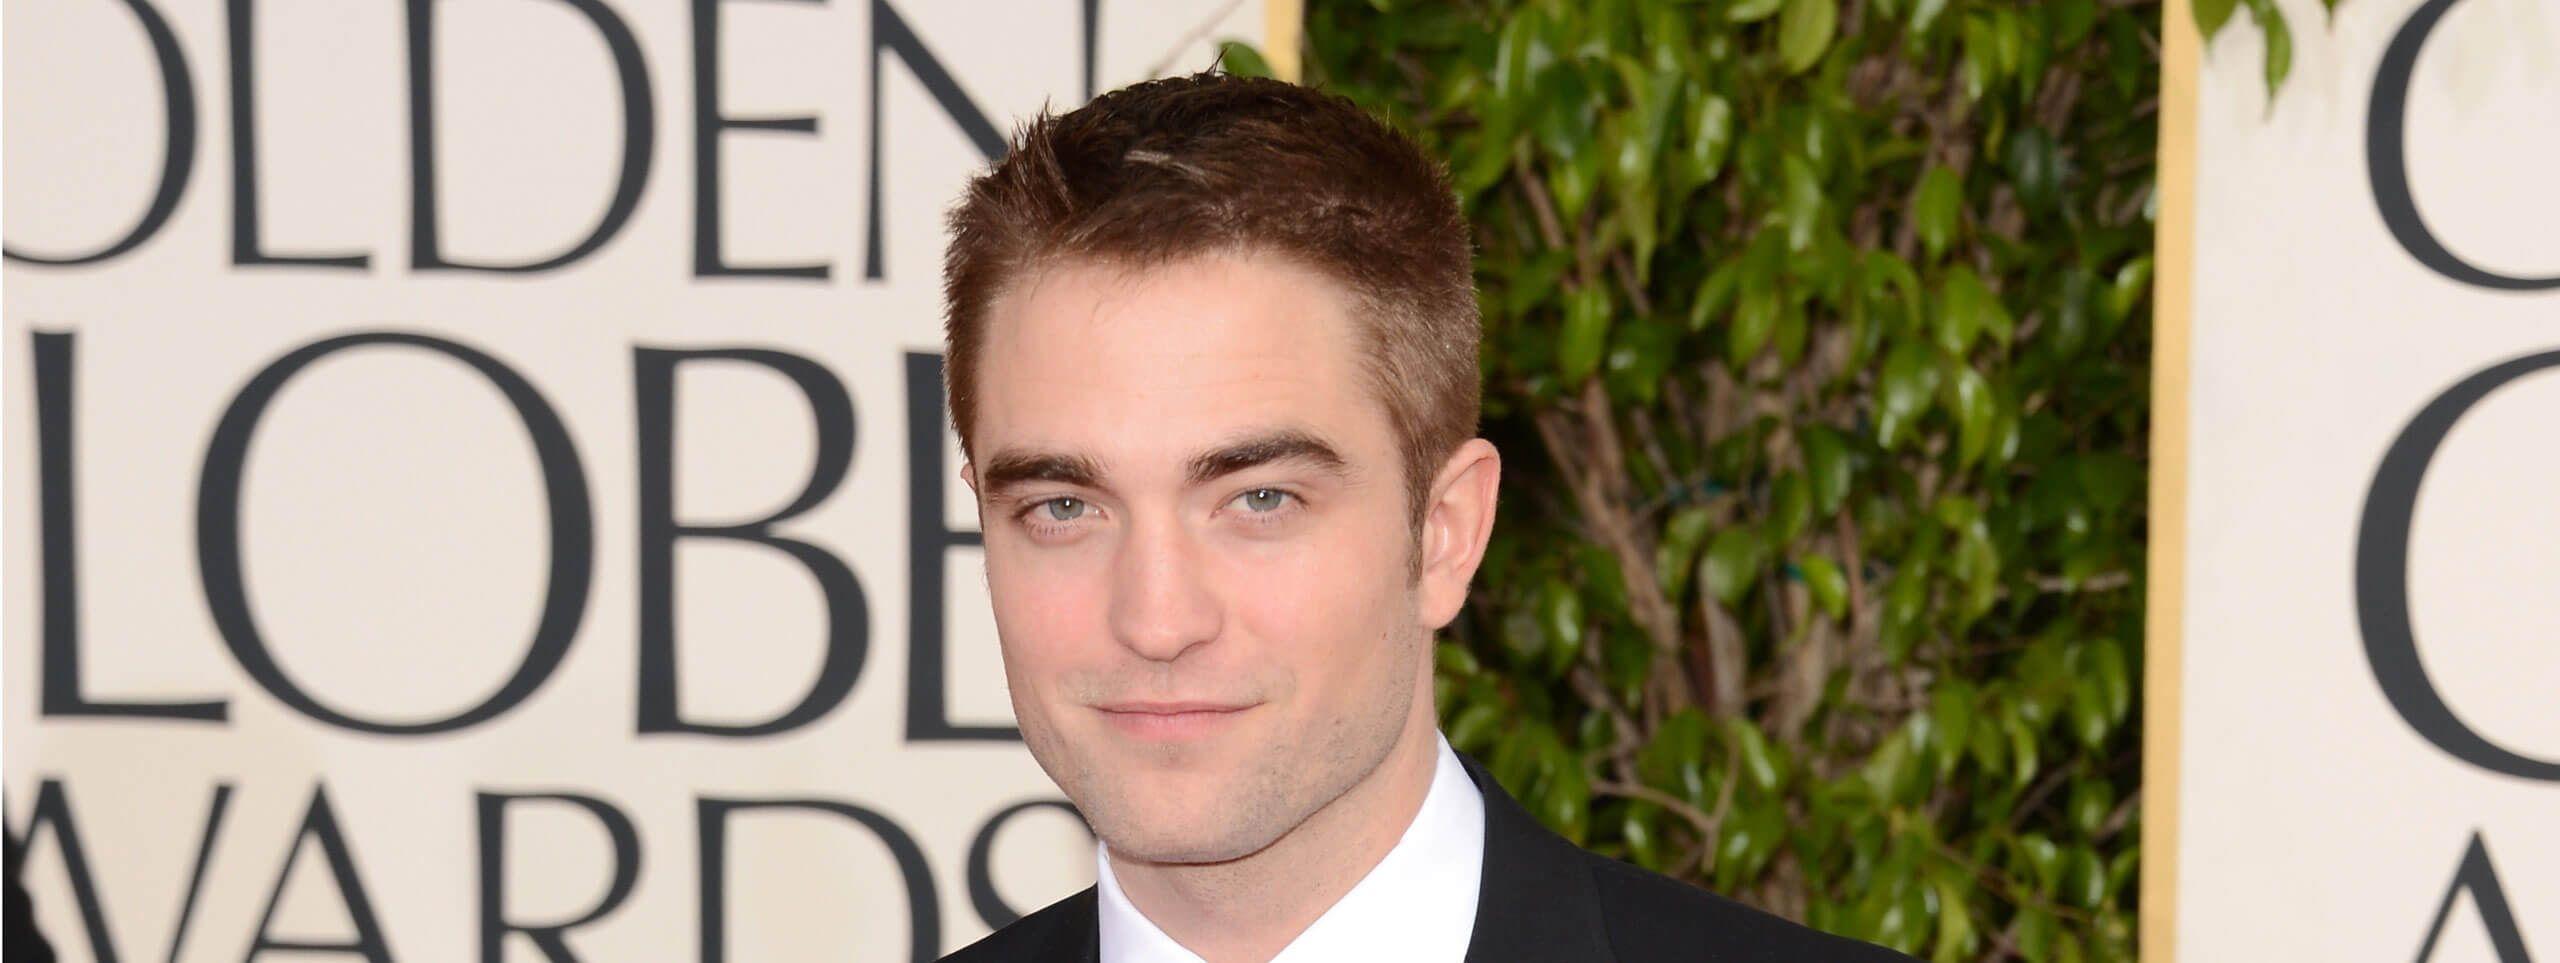 Robert Pattinson coupe courte classique